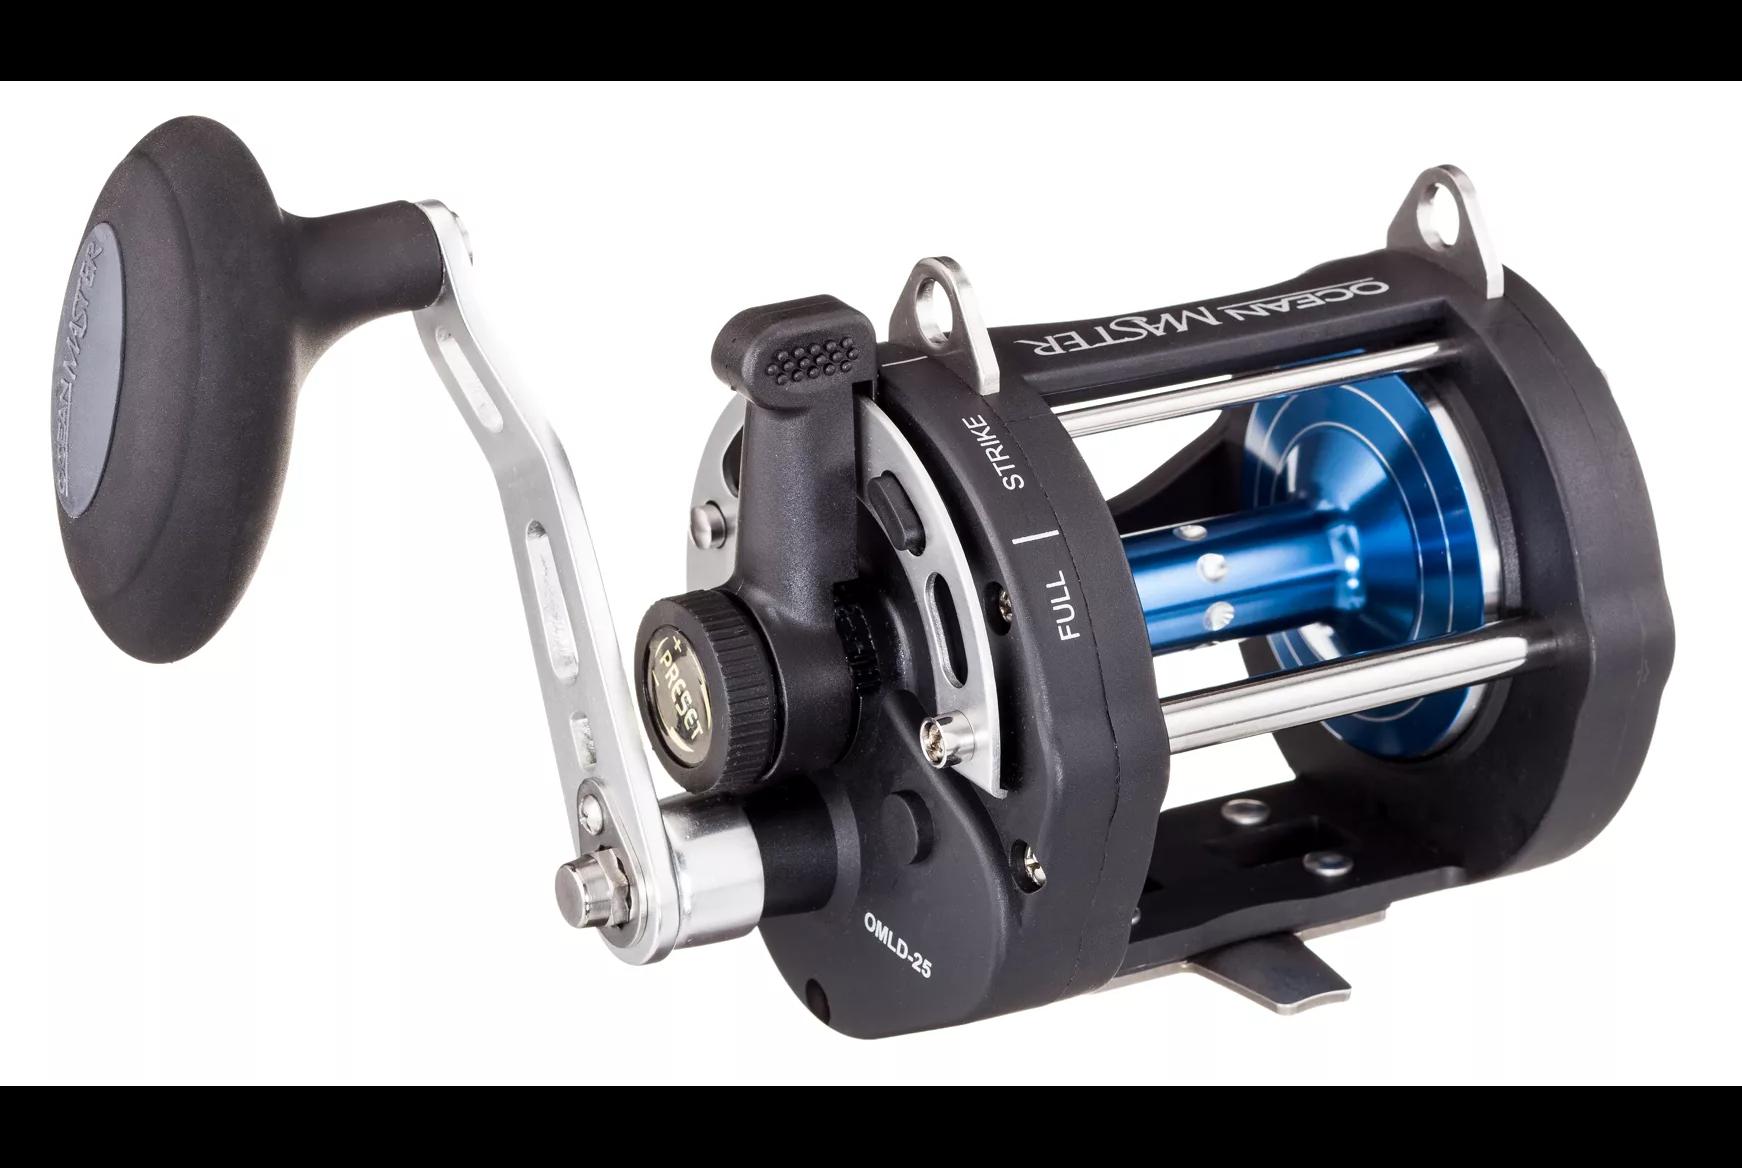 Offshore Angler Ocean Master Lever Drag Reel  – $79.97